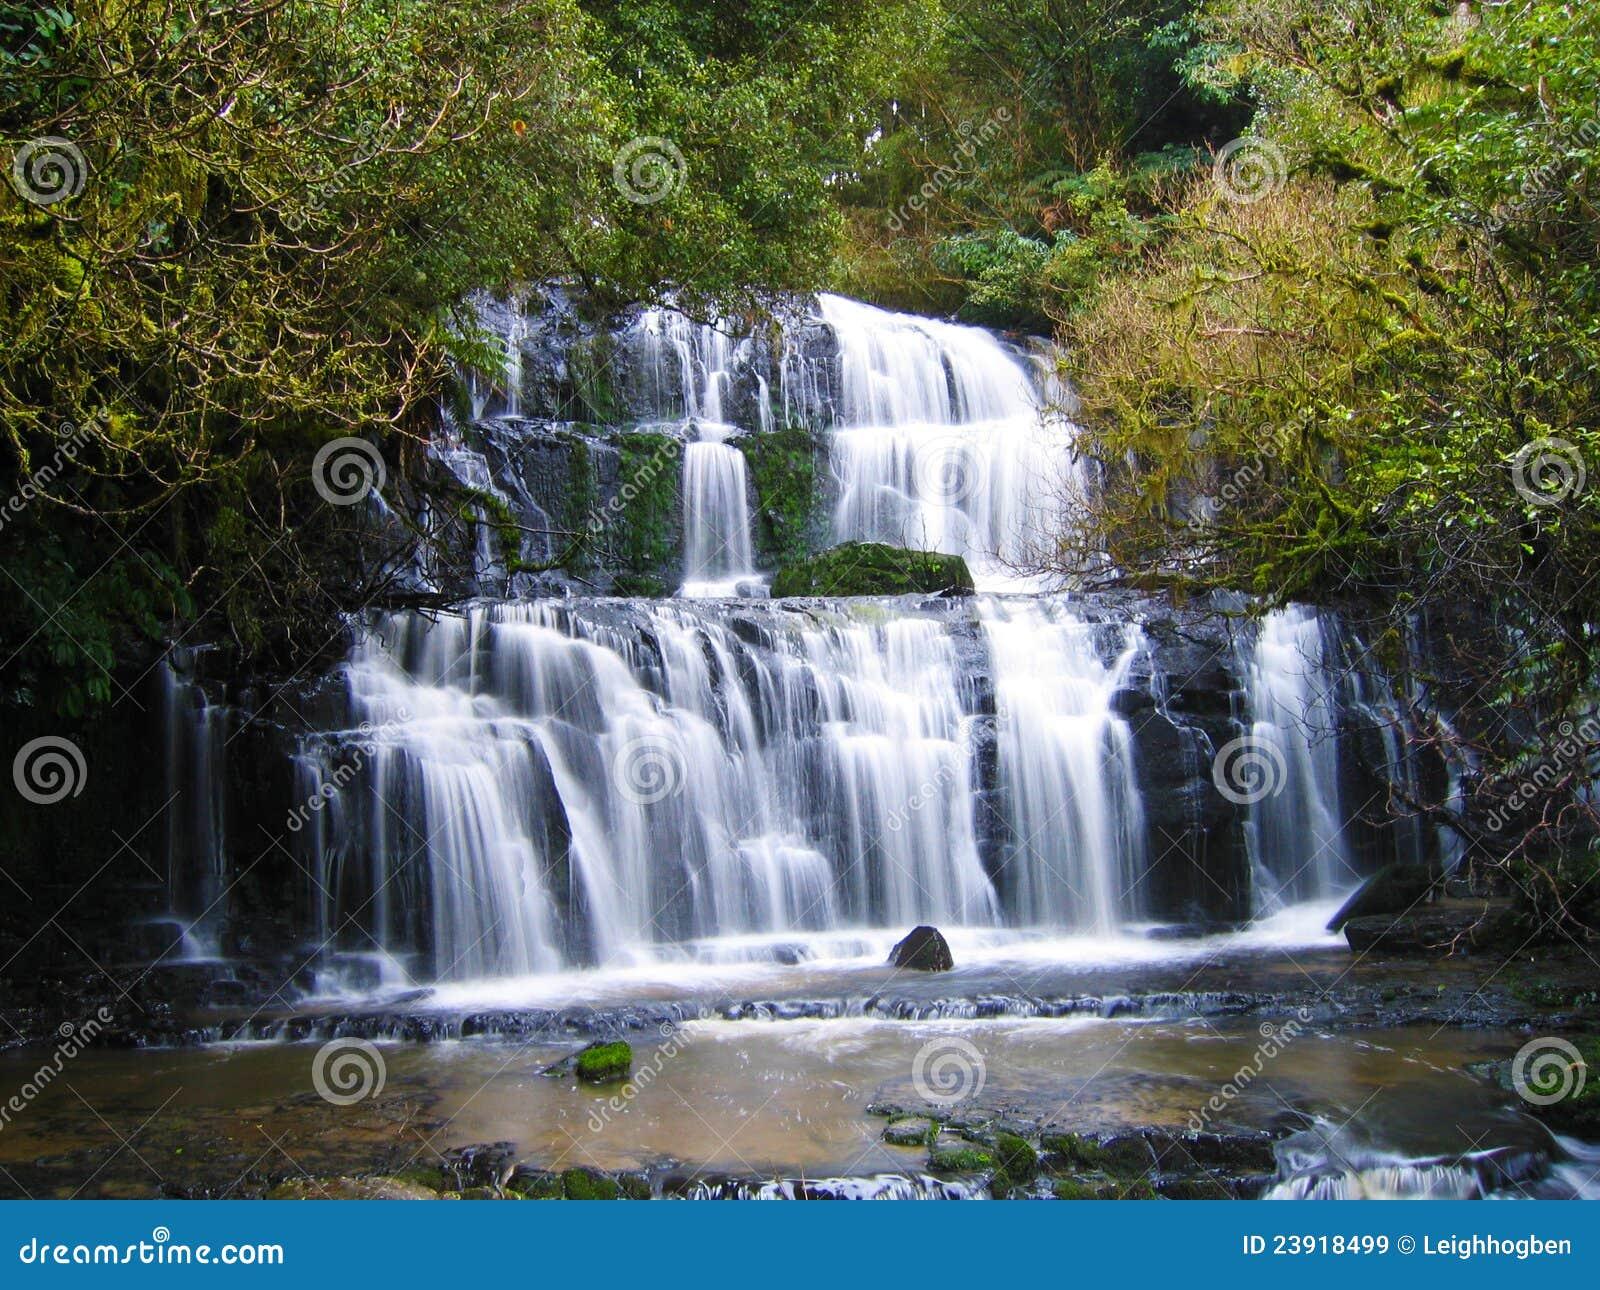 Mooie waterval royalty vrije stock afbeeldingen for Mooie tuinen afbeeldingen